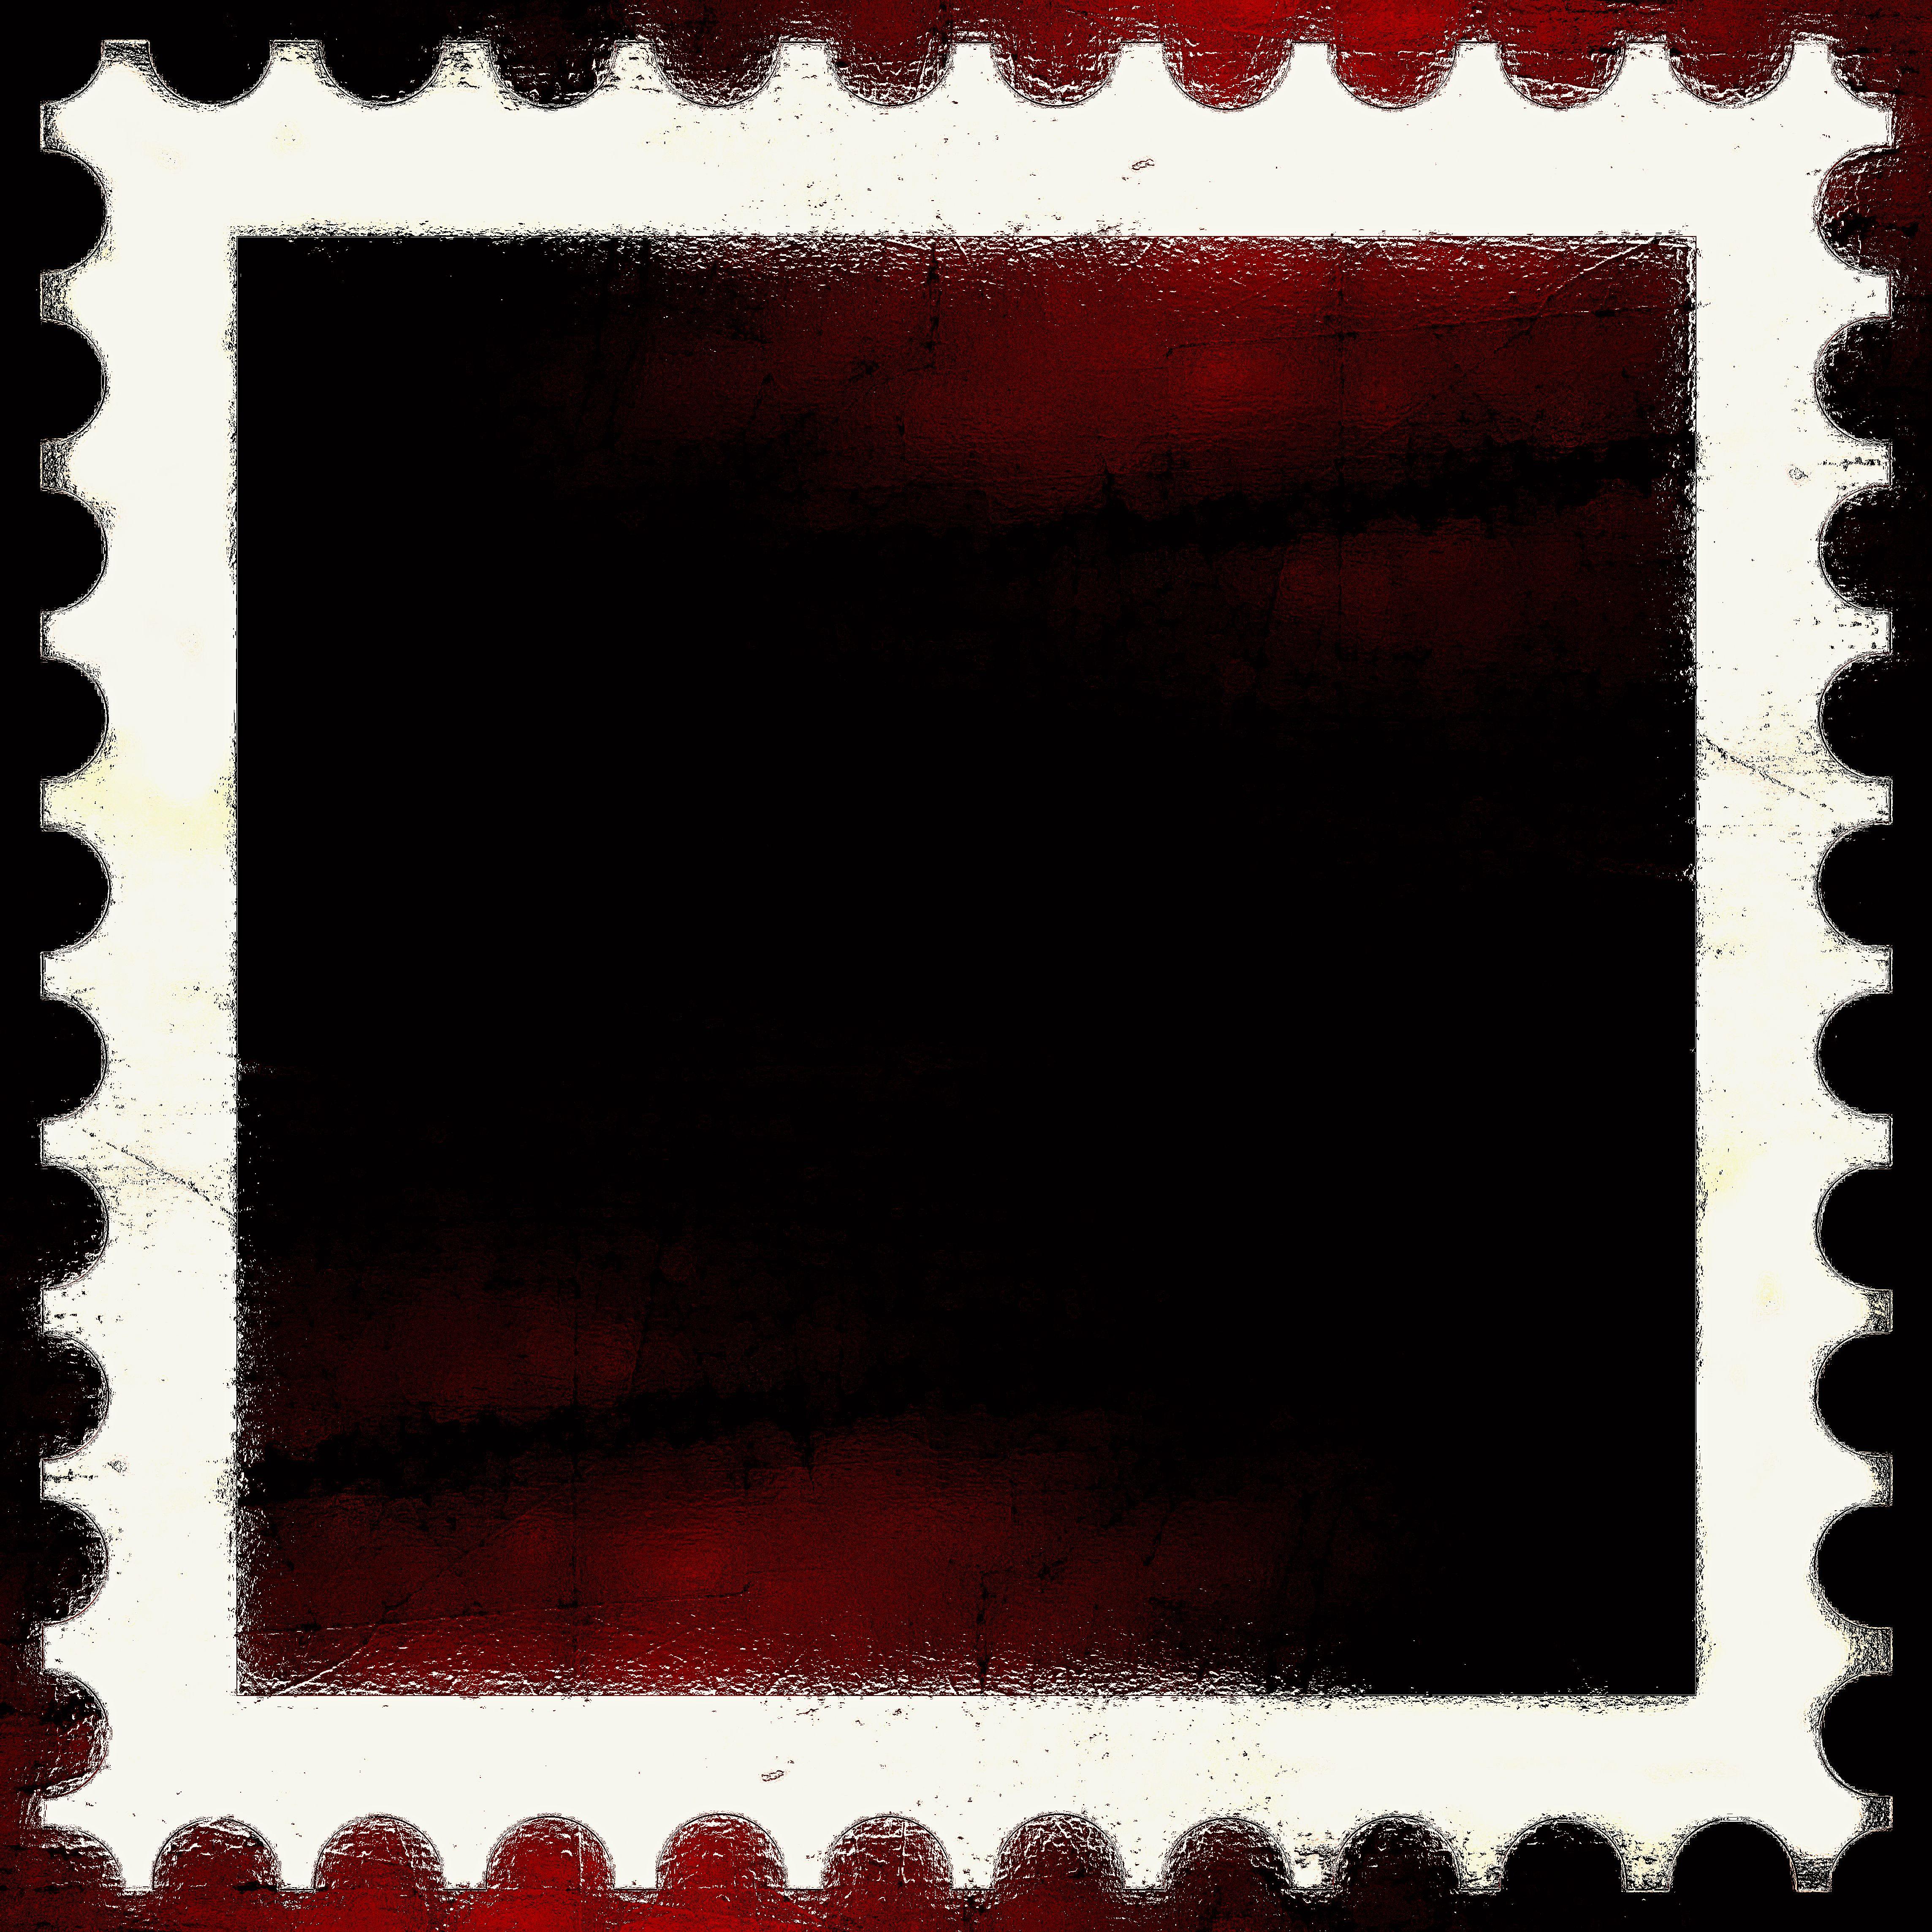 Fotos gratis : textura, número, rojo, color, fuente, texto, marco ...